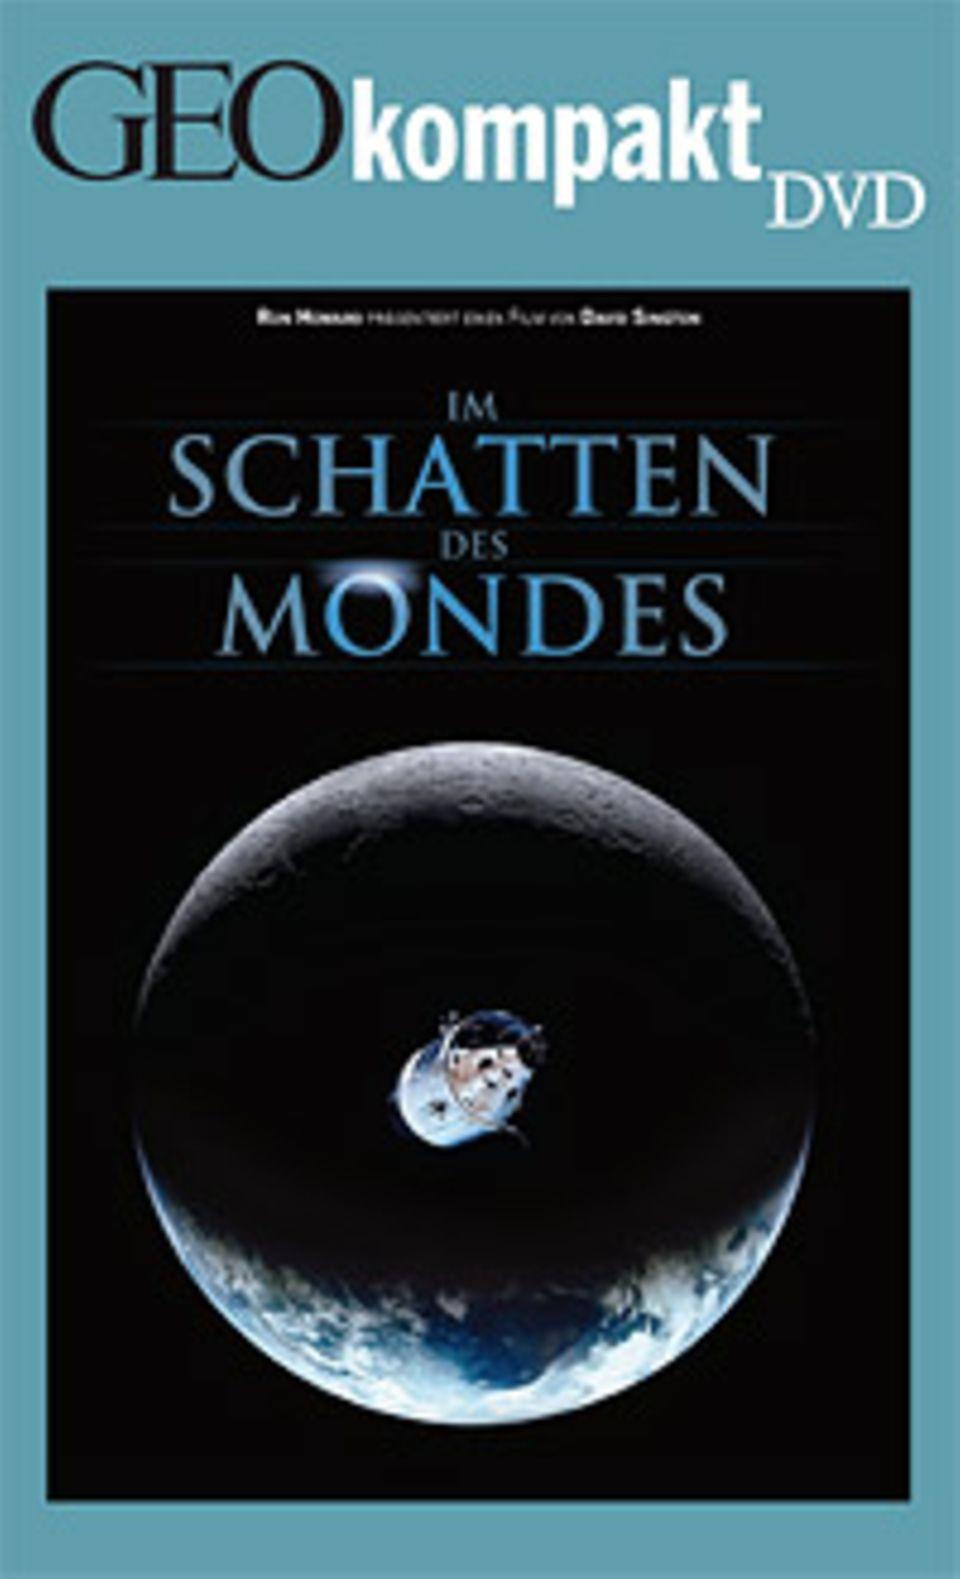 Das Sonnensystem: GEOkompakt-DVD: Im Schatten des Mondes